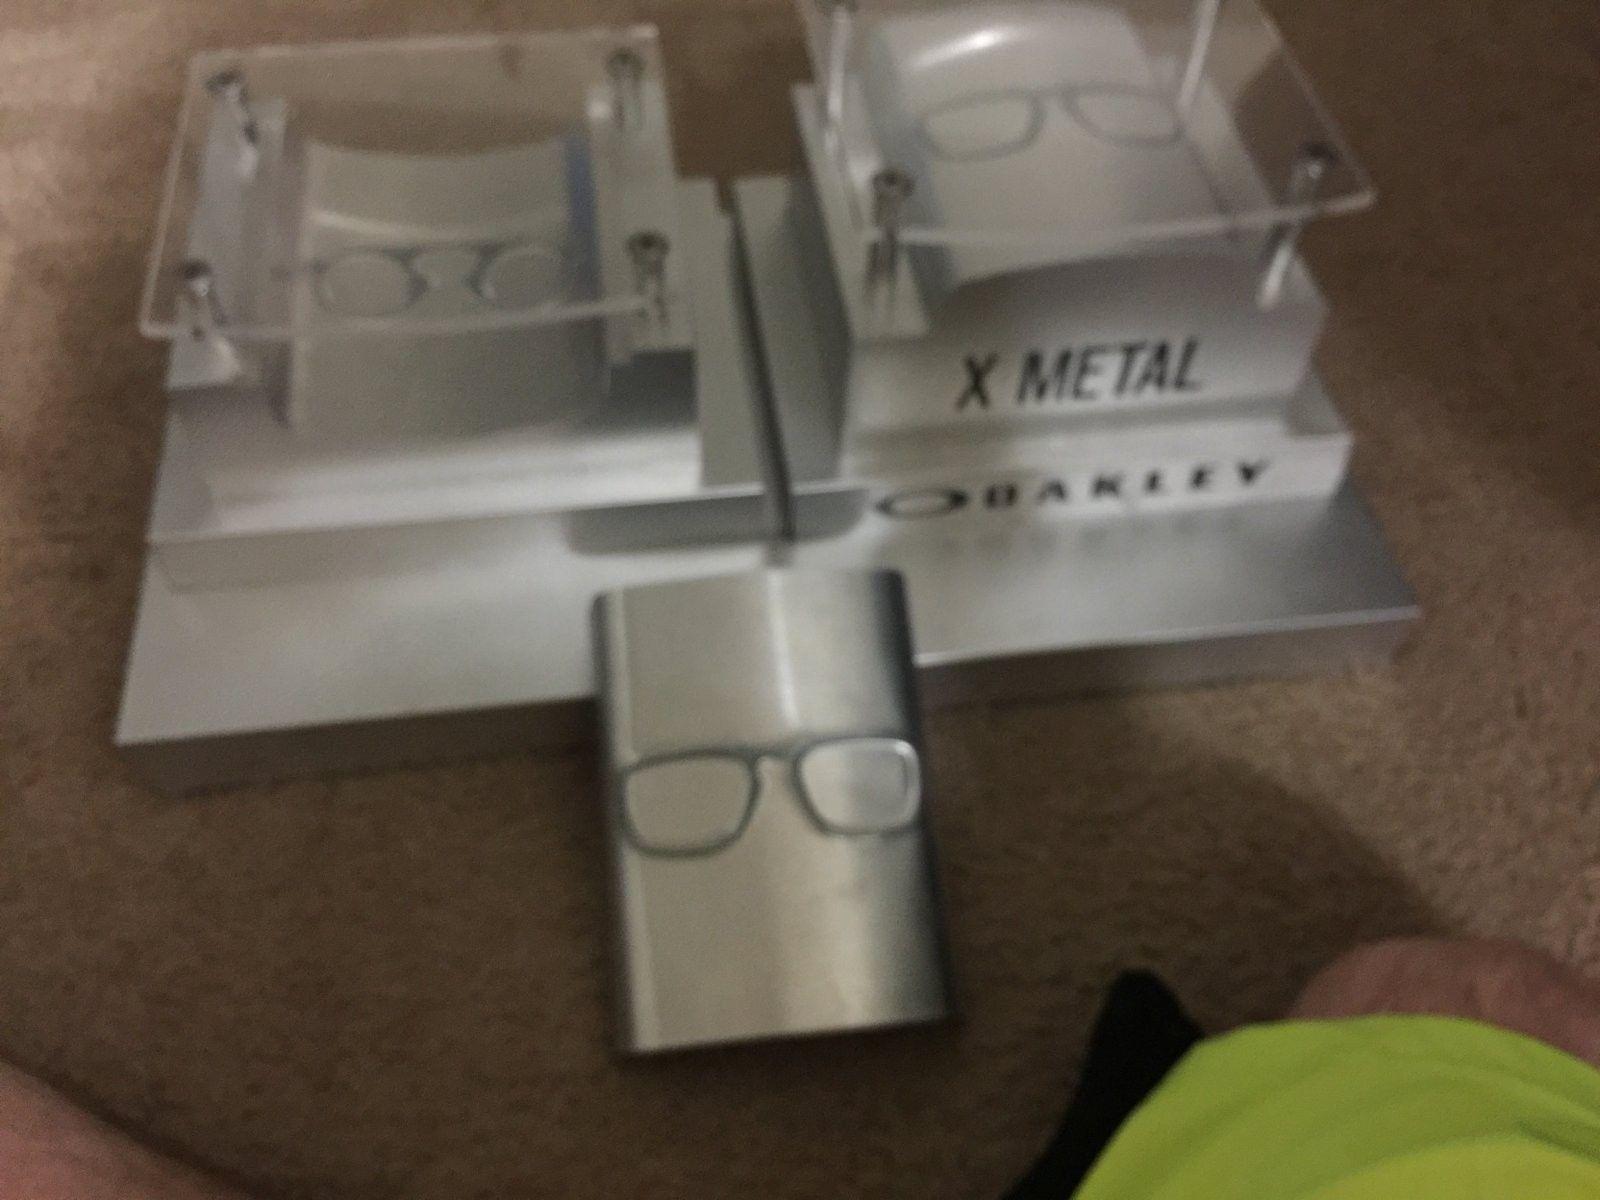 Xmetal display for xmetal or tb1/tb2 - image.jpeg